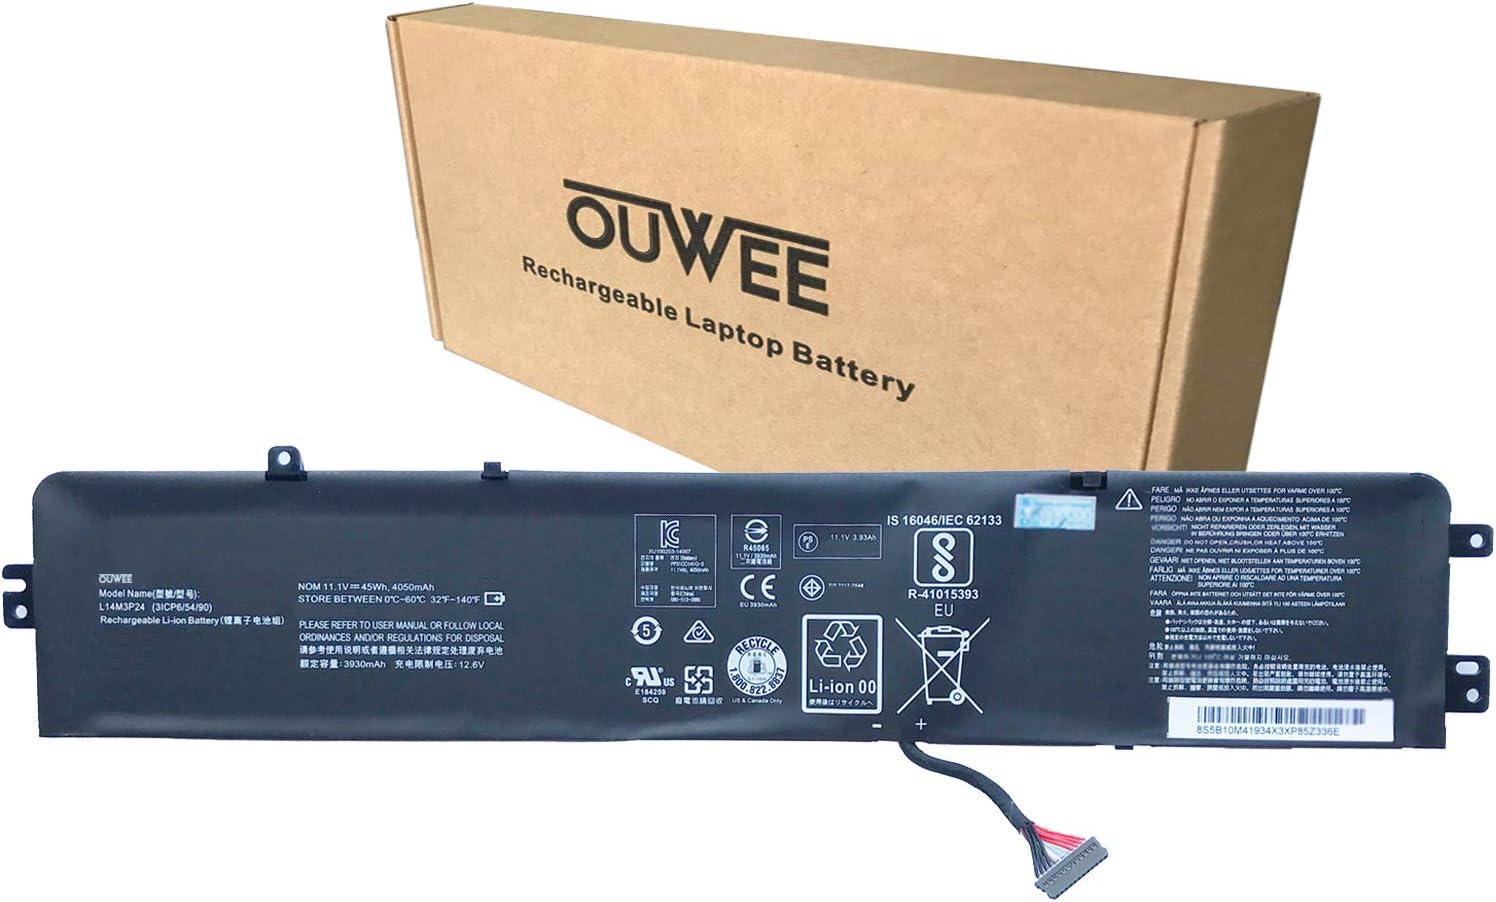 OUWEE L14M3P24 Laptop Battery Compatible with Lenovo Legion Y520-15IKBA Y520-15IKBM Y520-15IKBN IdeaPad Y700-14ISK 700-15ISK 700-17ISK Series Notebook L16M3P24 L16S3P24 L14S3P24 11.1V 45Wh 4050mAh